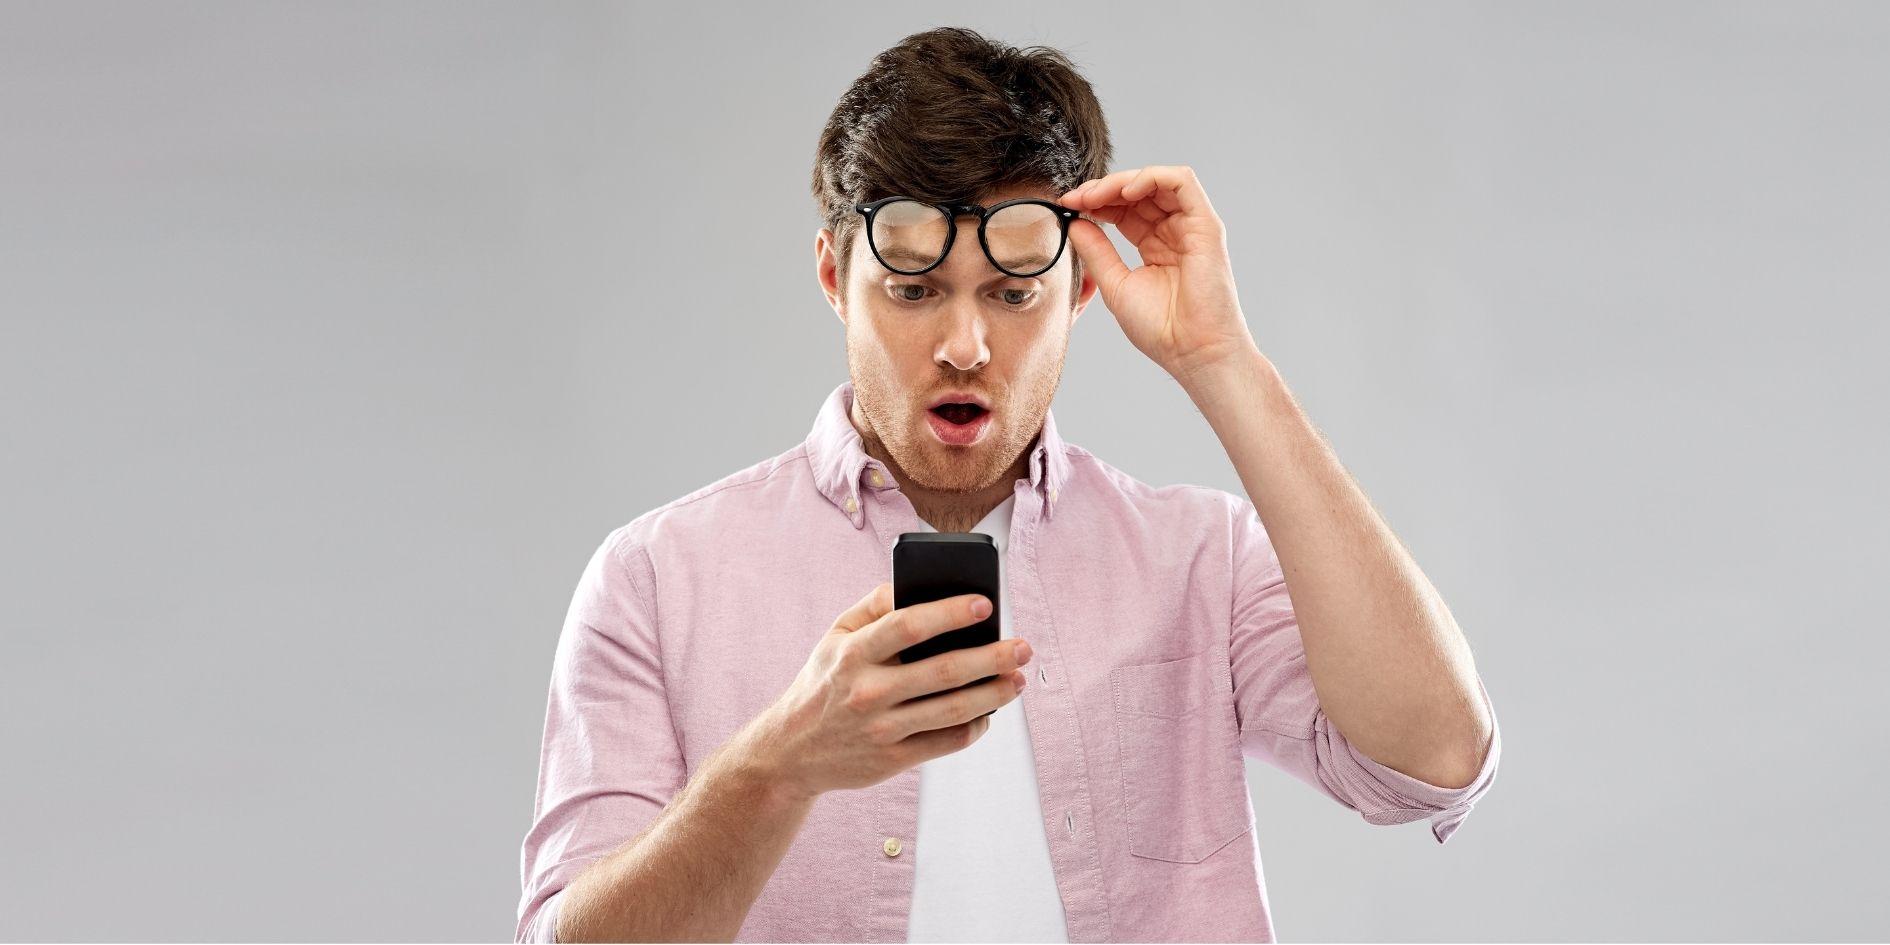 今年の後半からiPhone内の画像データが勝手にスキャンされ児童ポルノが通報されるようになるとAppleが発表